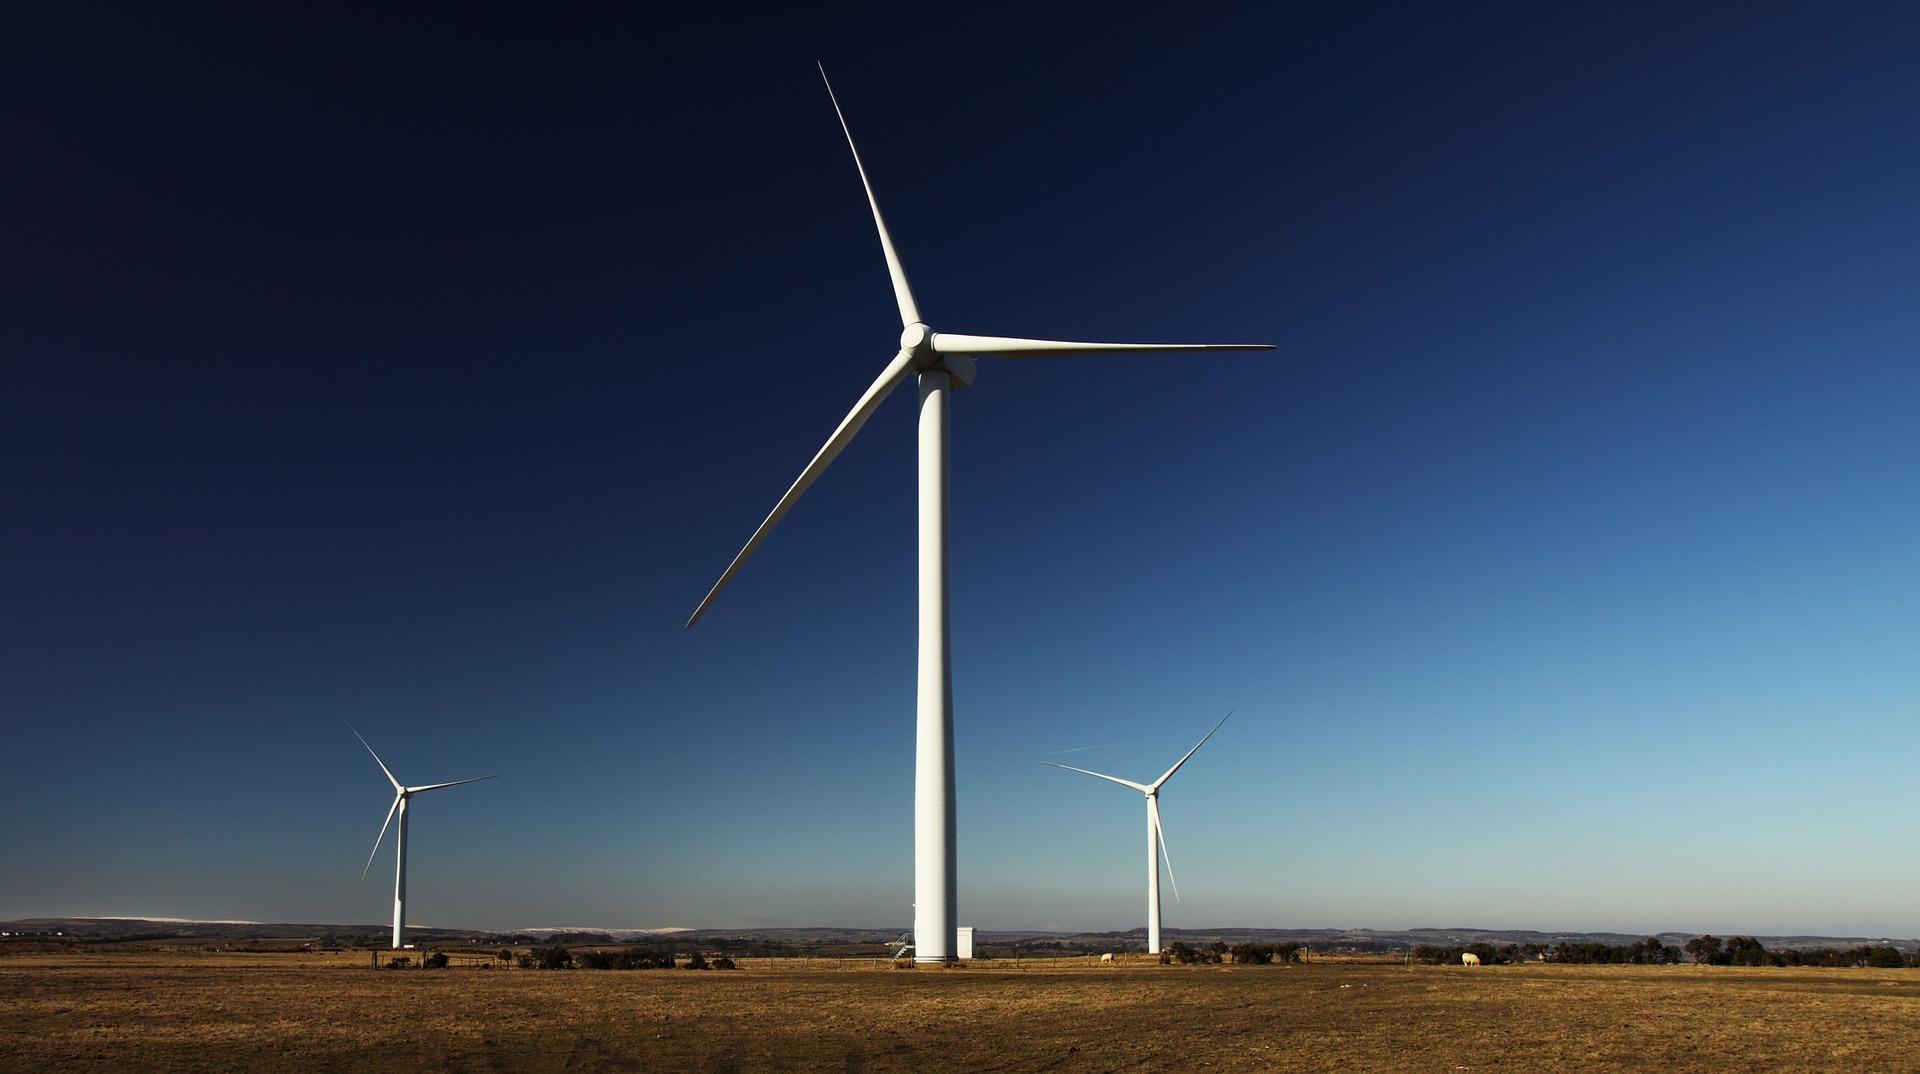 renouvelables premiere source electricite 2025 - L'Energeek